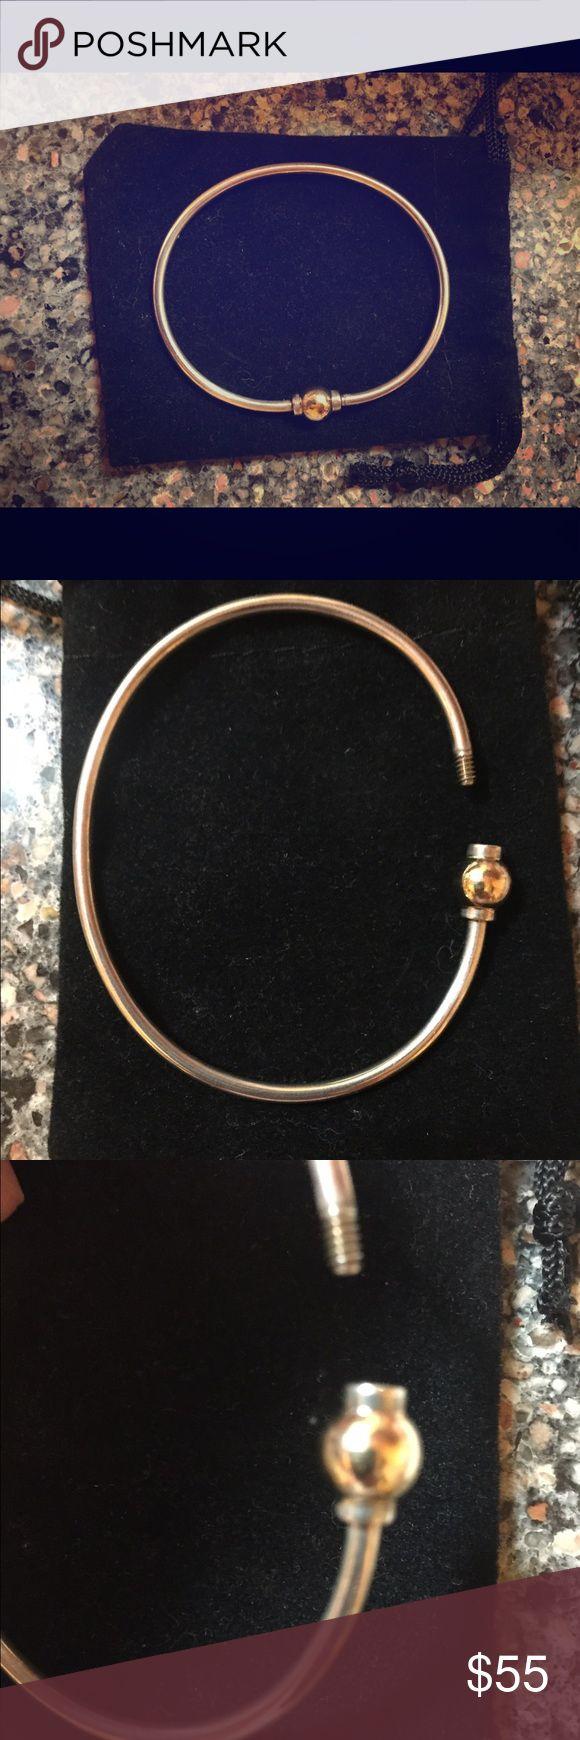 Cape Cod Ss & 14k Gold Bangle Bracelet